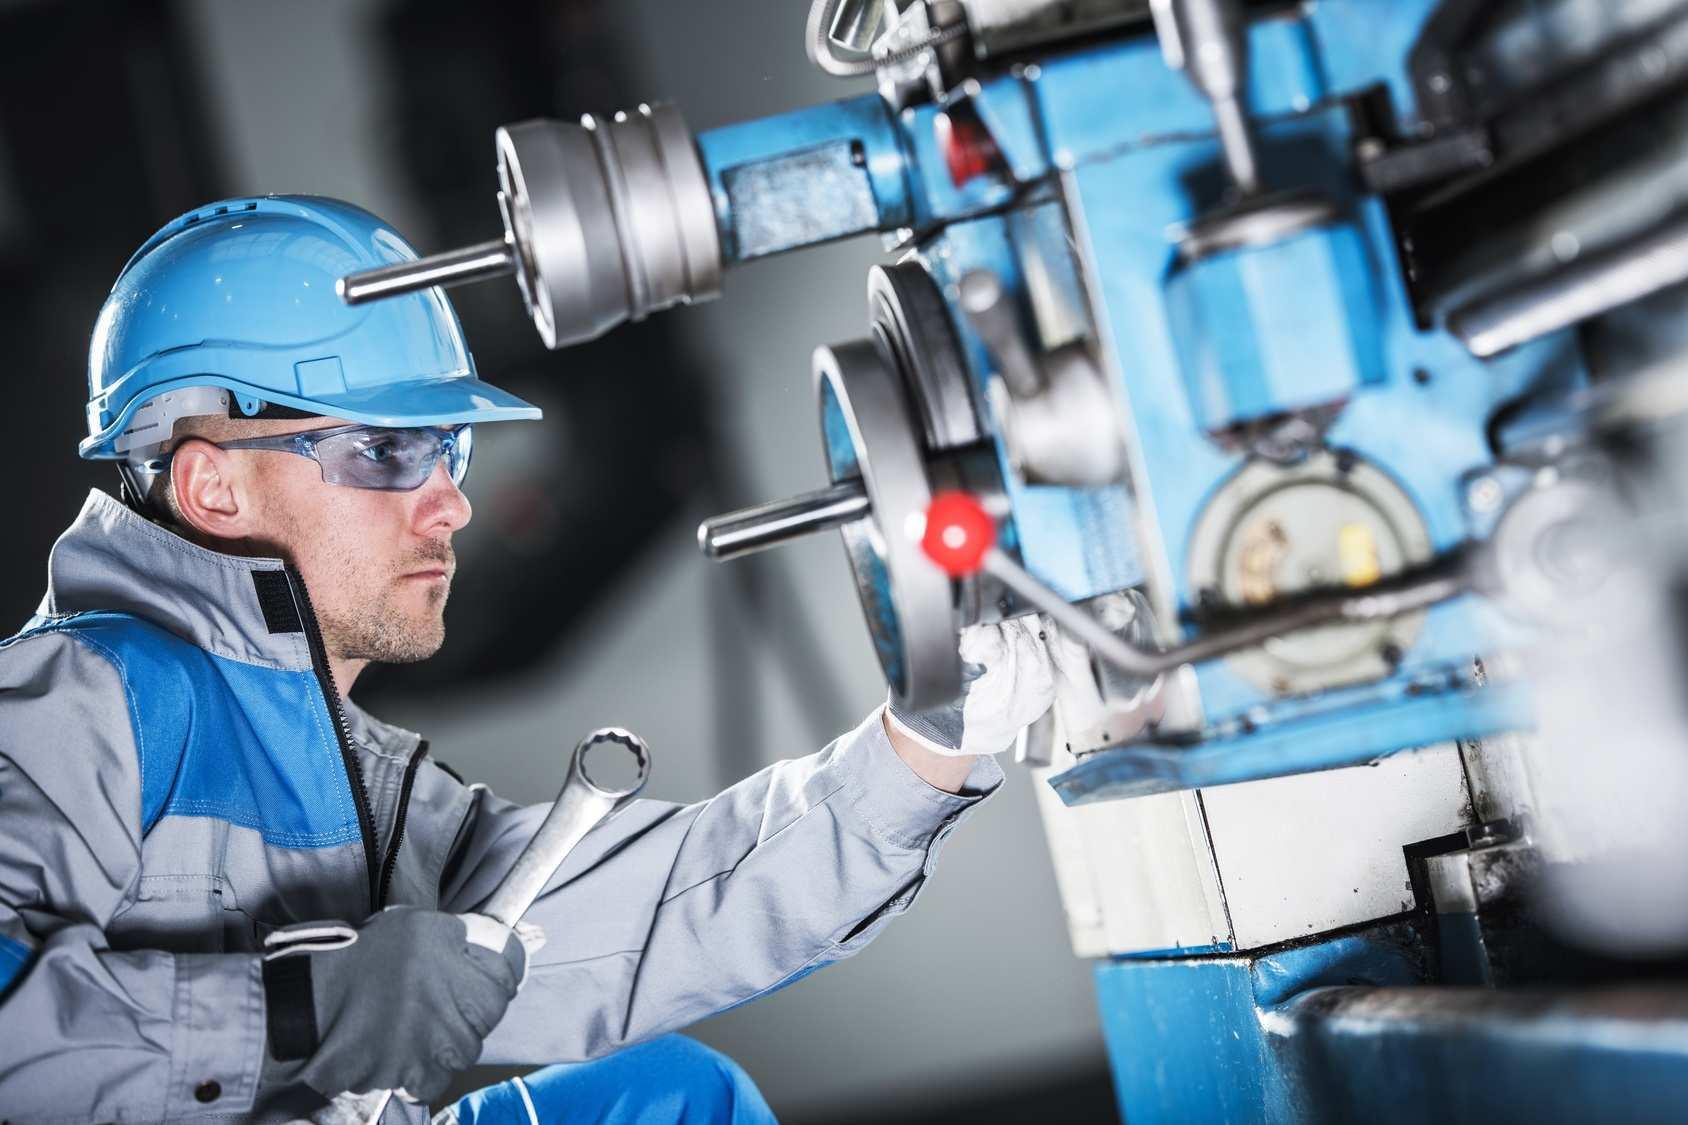 Arbeitssicherheit Bei Der Instandhaltung Safety Xperts